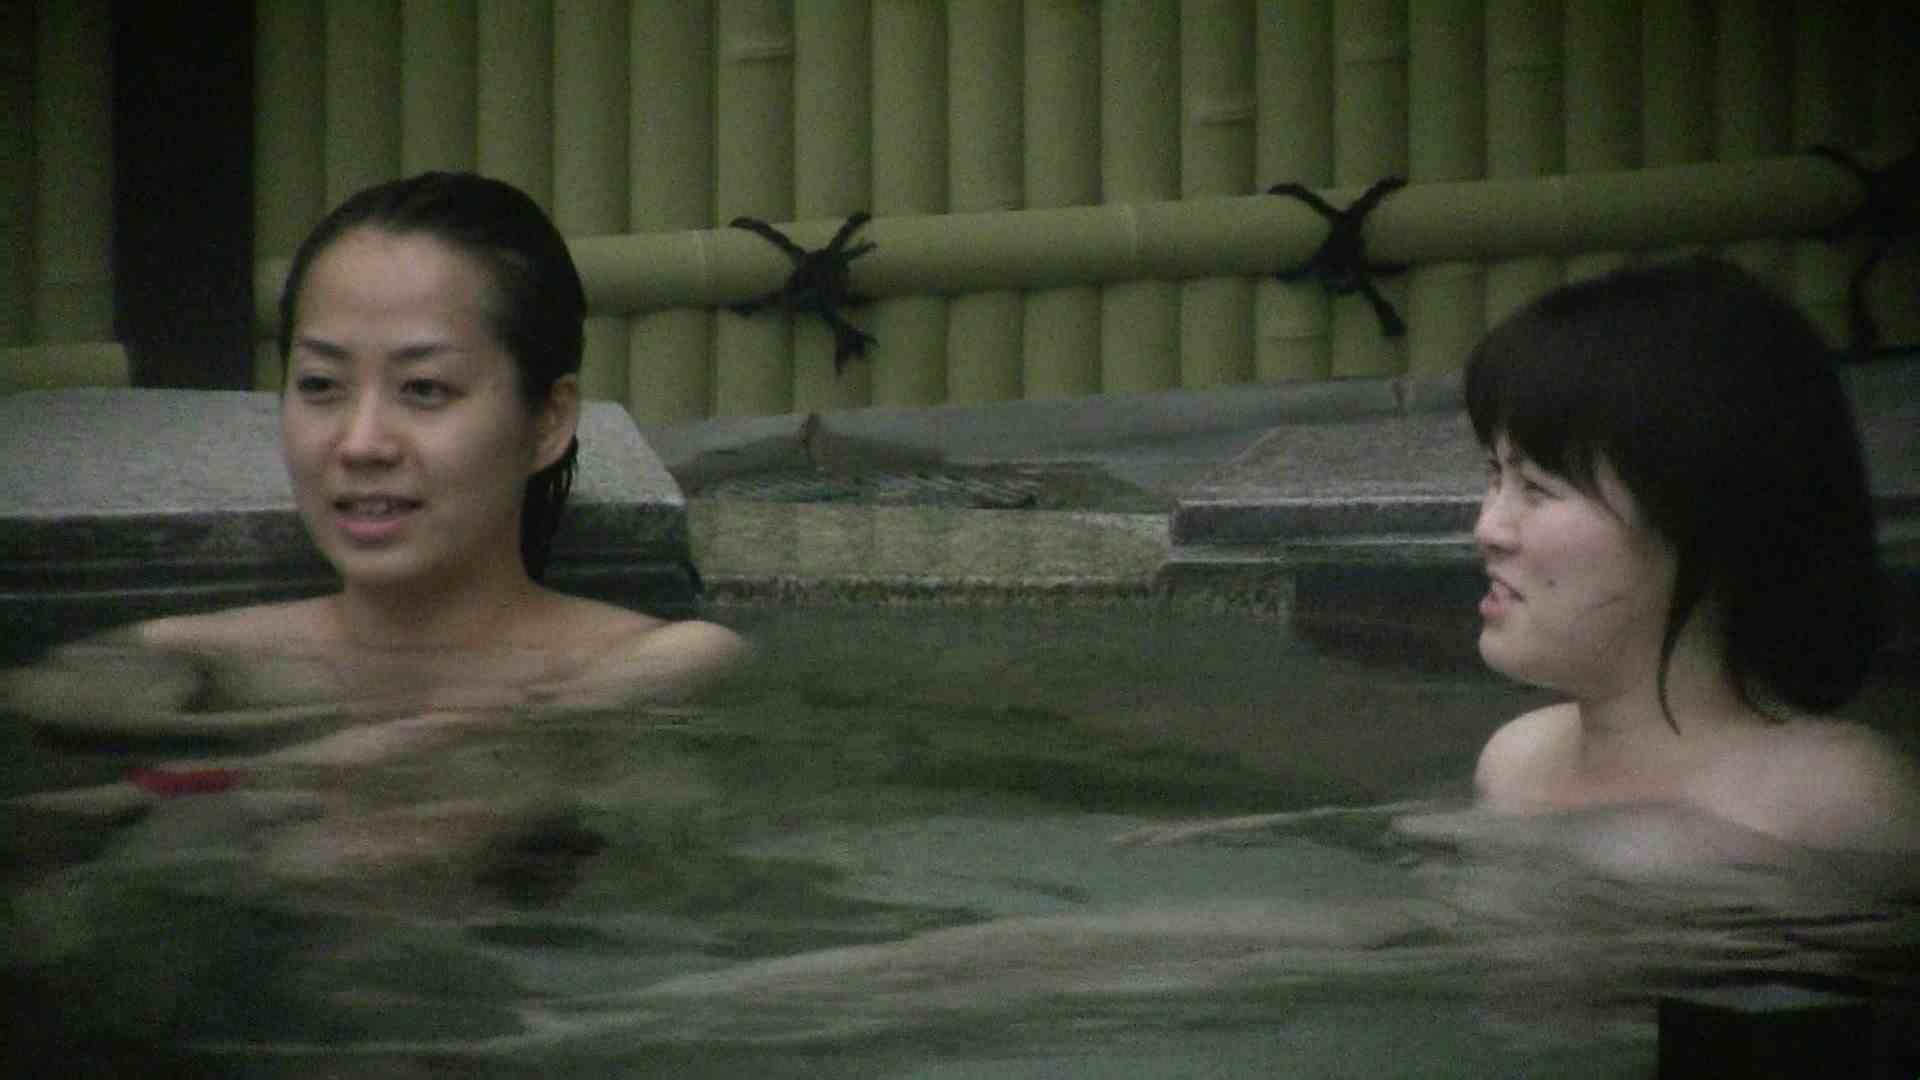 Aquaな露天風呂Vol.539 女体盗撮 隠し撮りおまんこ動画流出 88連発 29